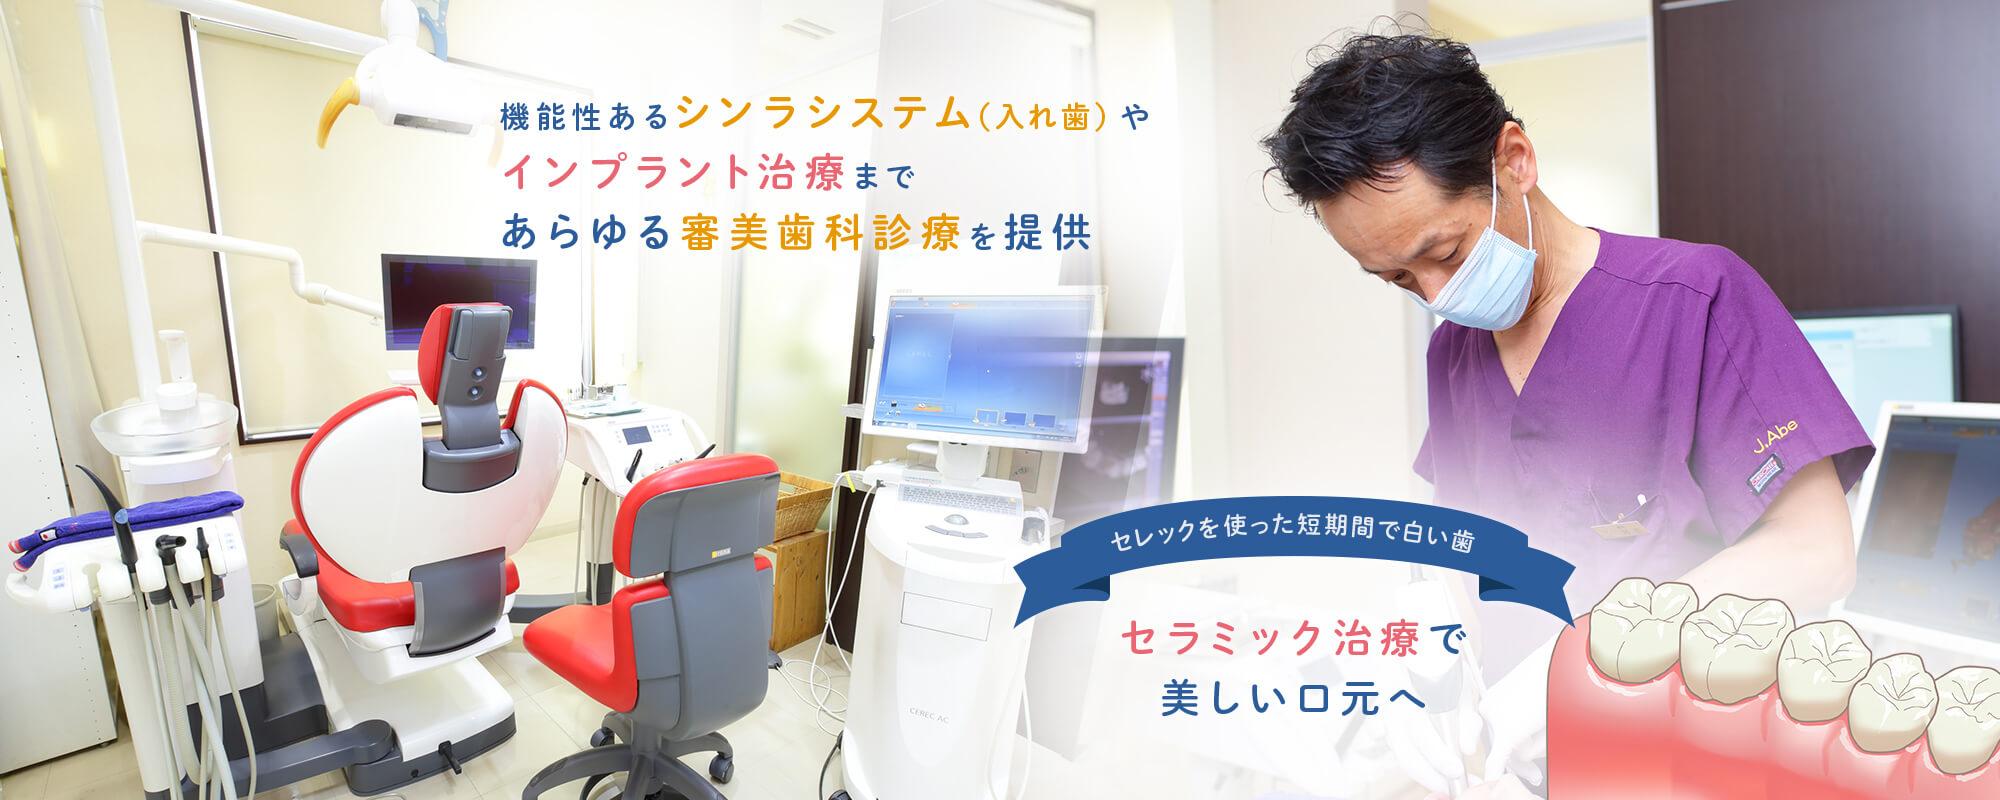 機能性あるシンラシステム(入れ歯)やインプラント治療まであらゆる審美歯科診療を提供 セレックを使った短期間で白い歯 セラミック治療で美しい口元へ